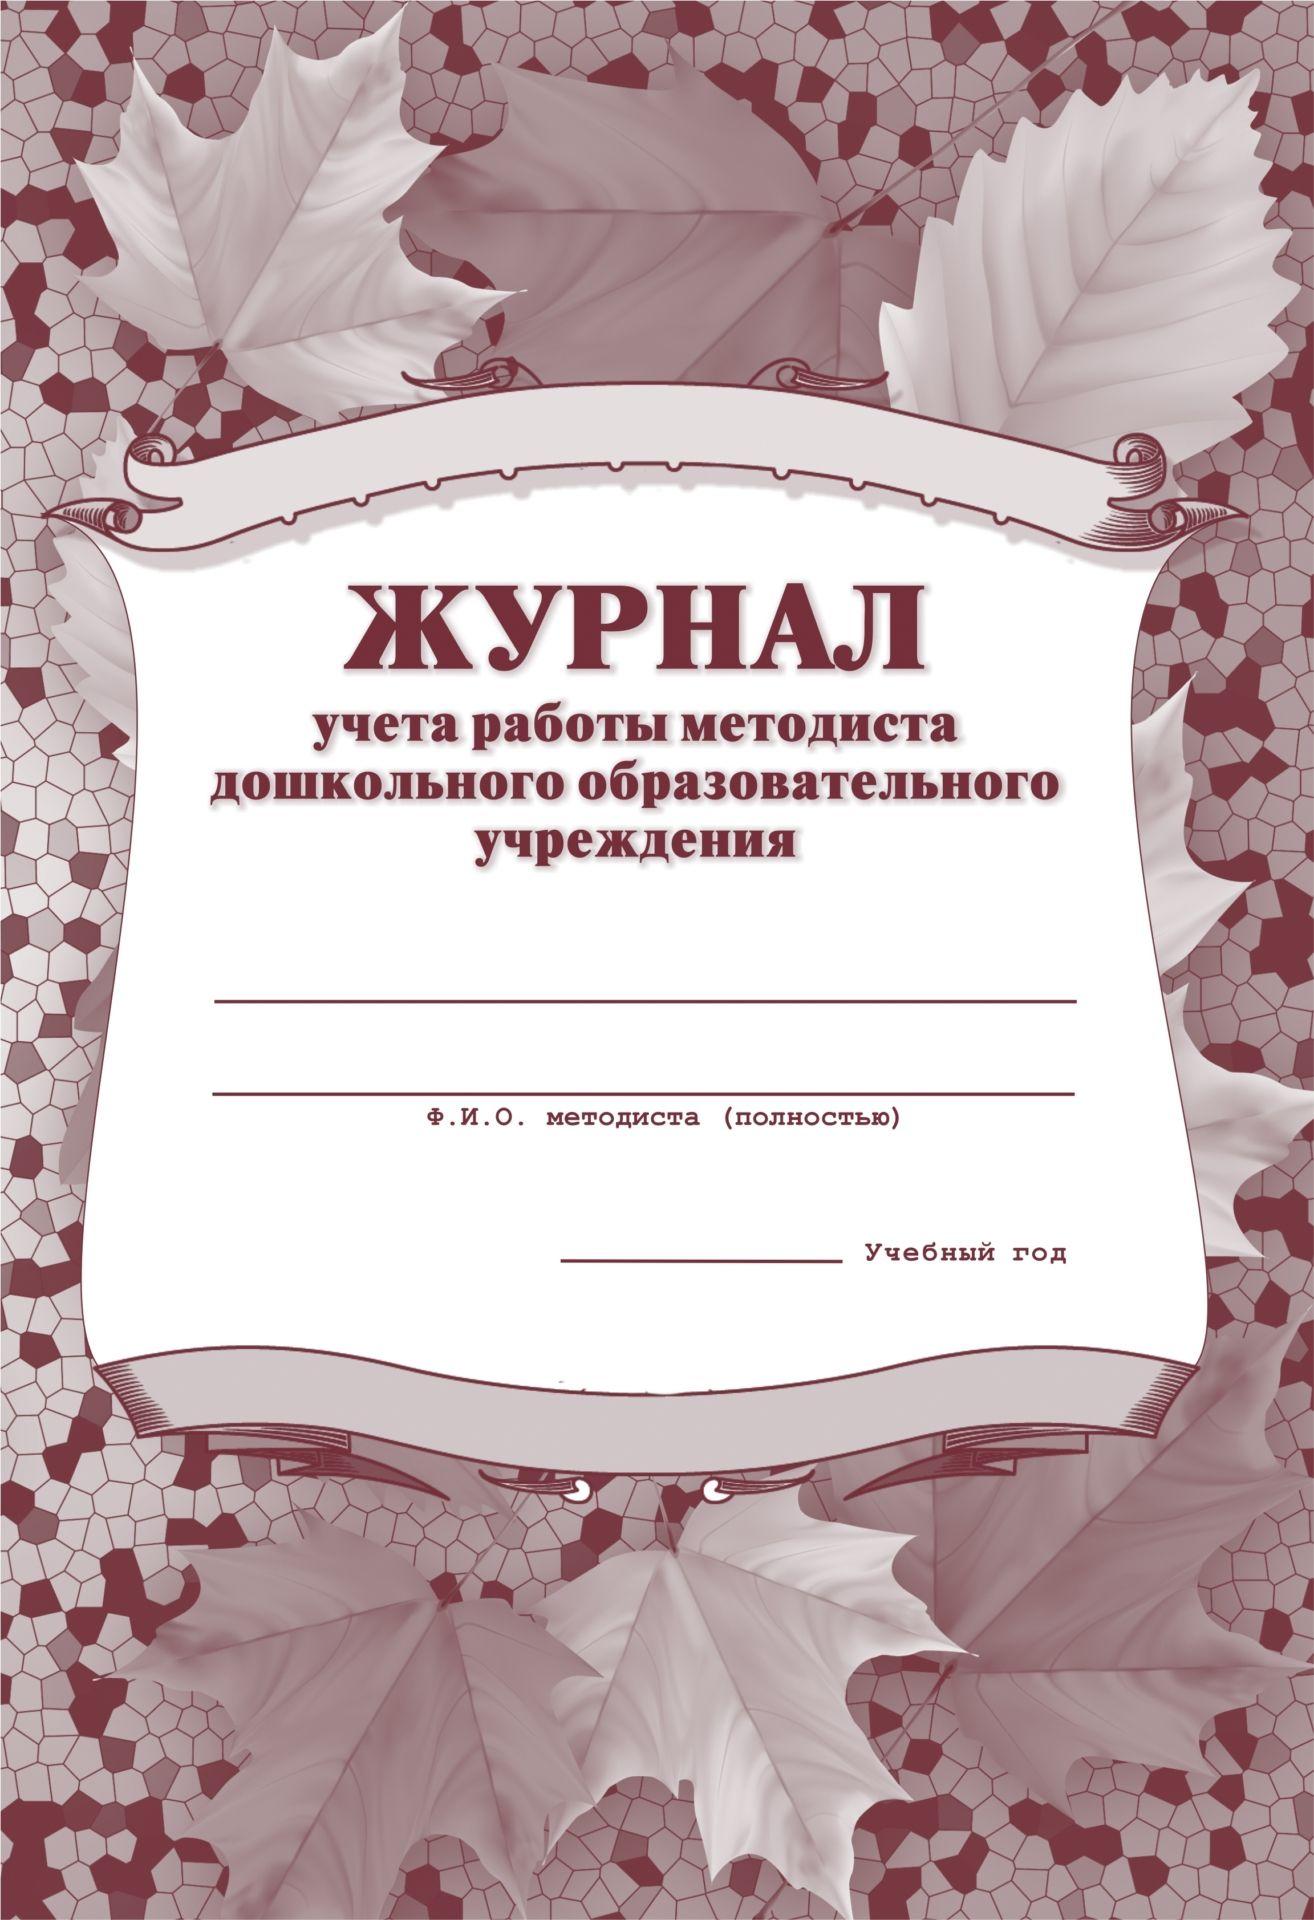 Журнал учёта работы методиста ДОУ: (Формат А4, обл. офсет, бл. газетный, 40стр.)